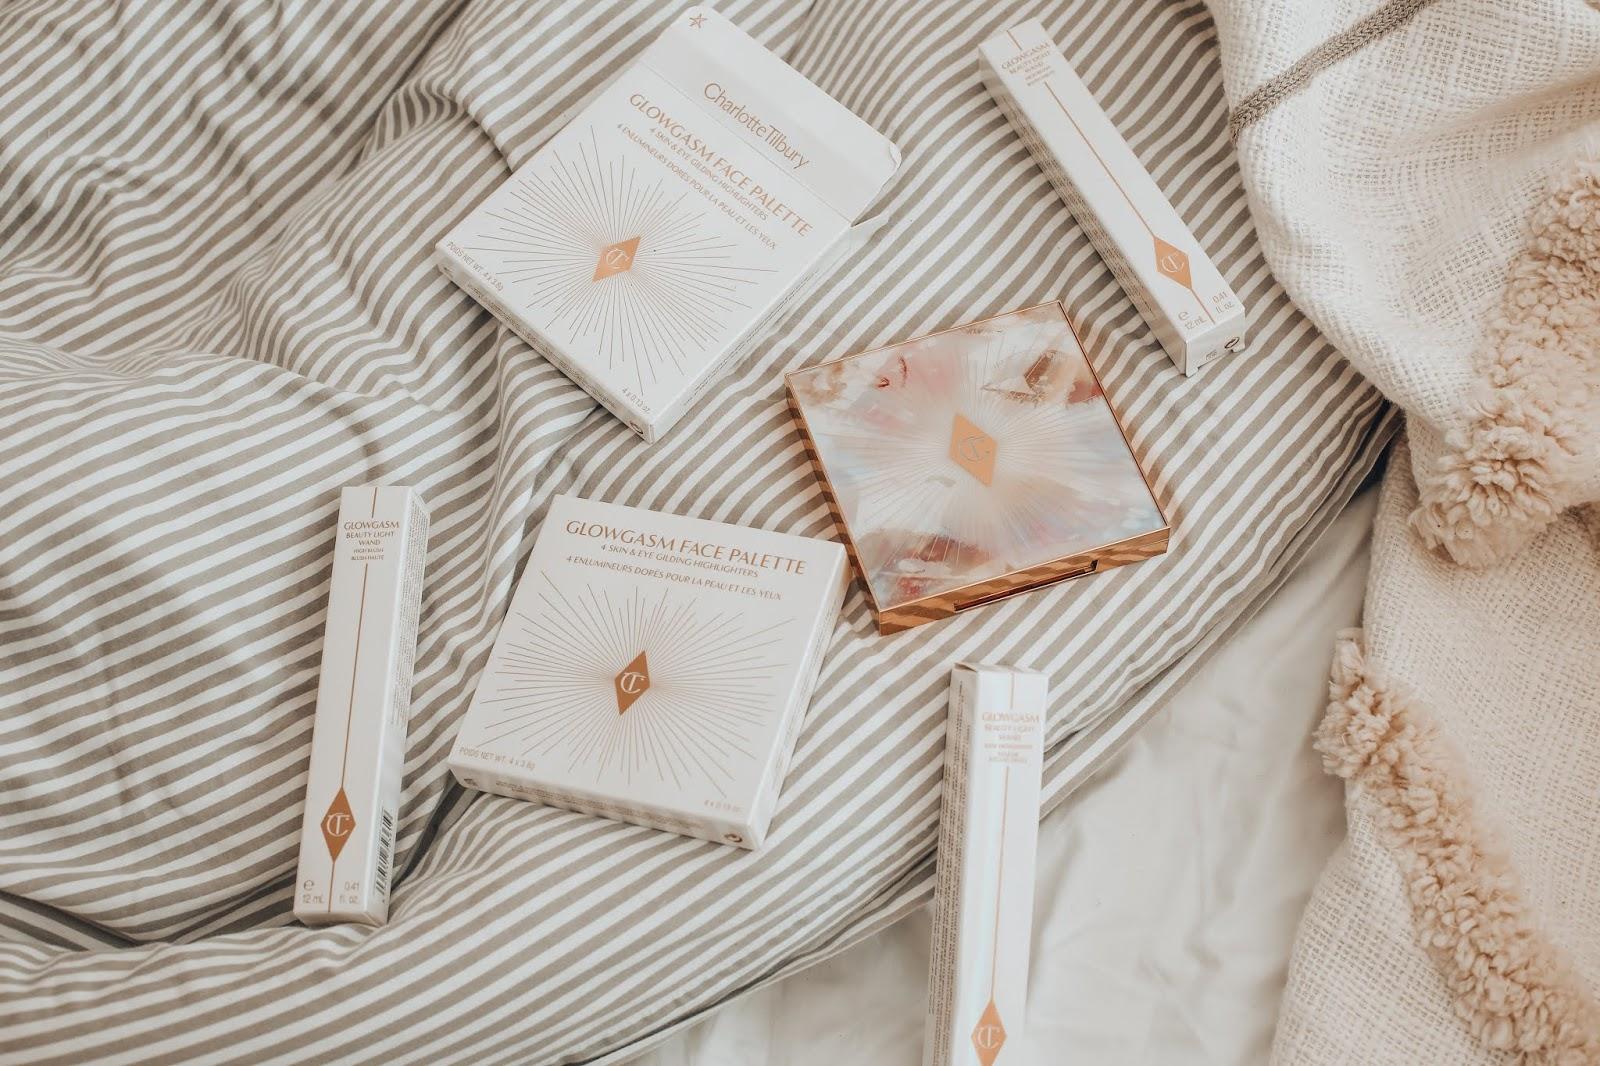 Charlotte tilbury packaging